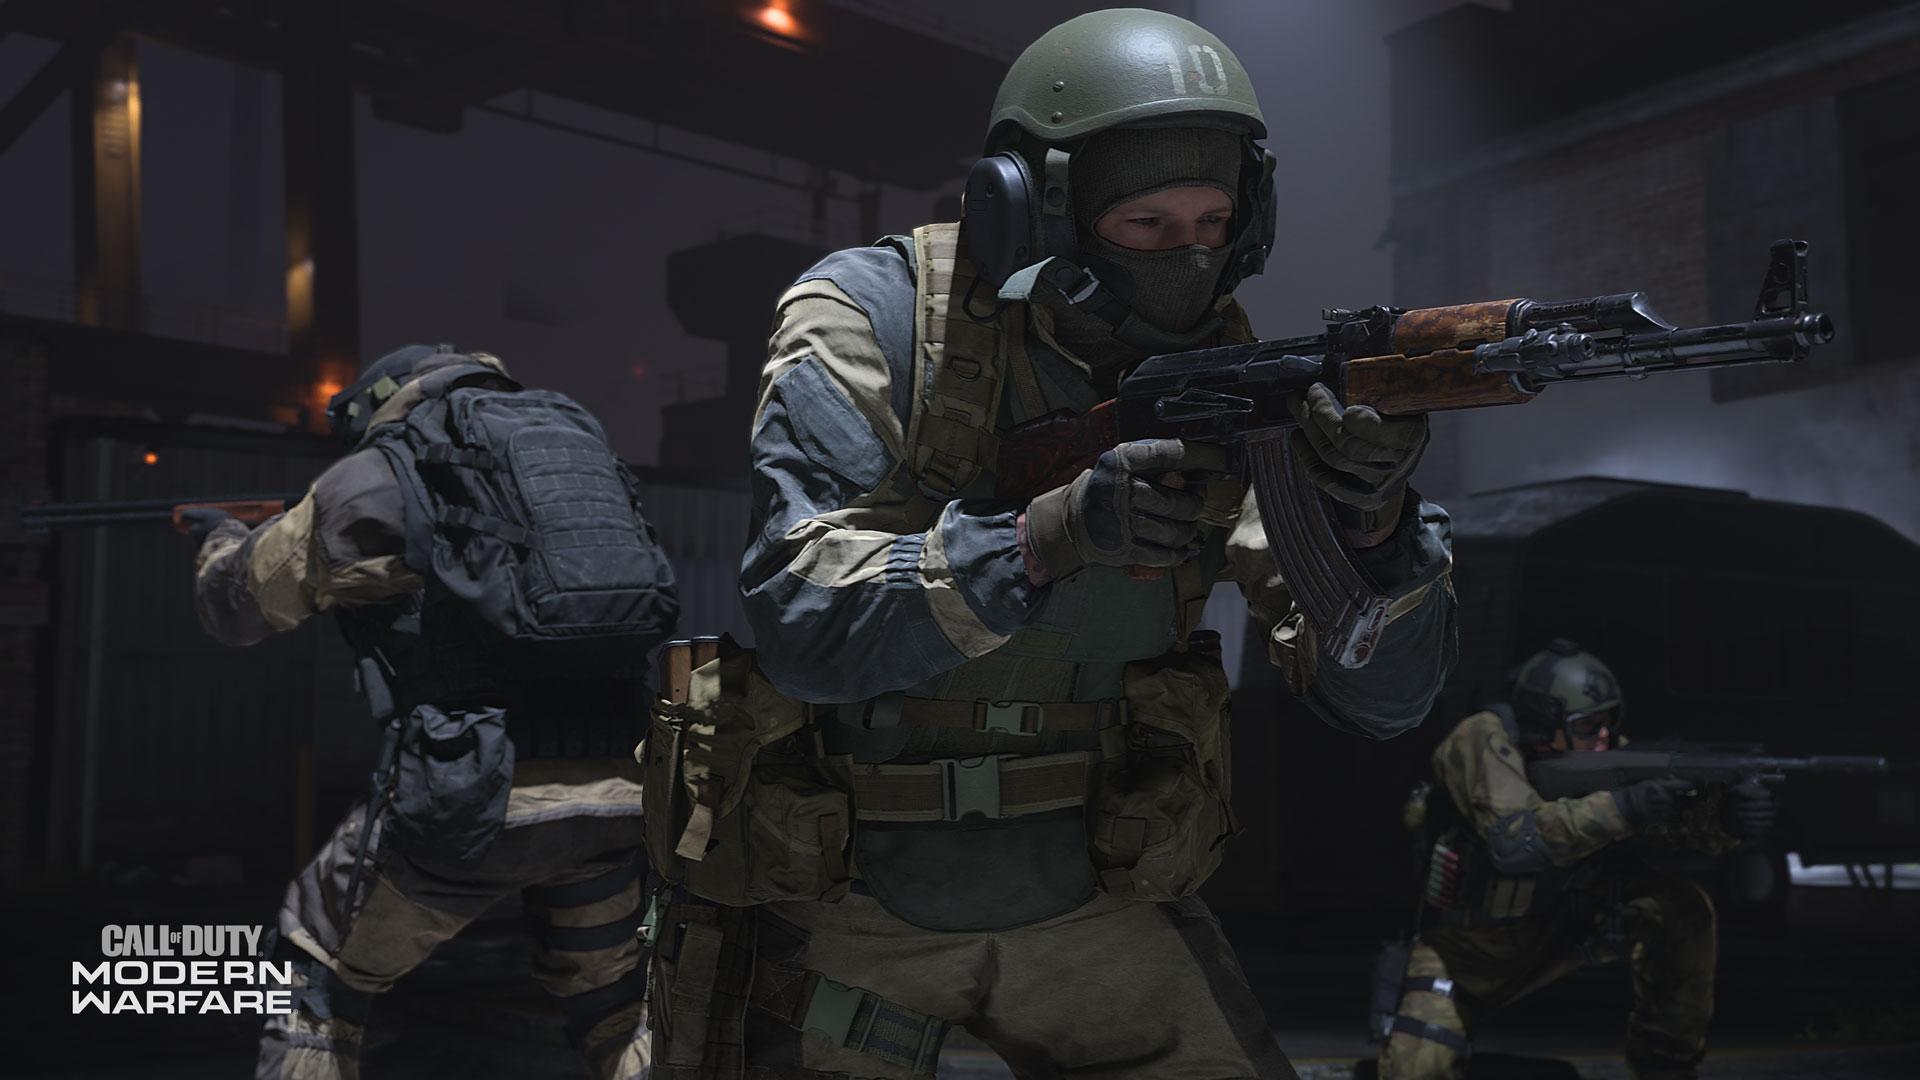 Слухи: в сиквеле Call of Duty: Modern Warfare реализуют важные улучшения, а разработка продвигается хорошо